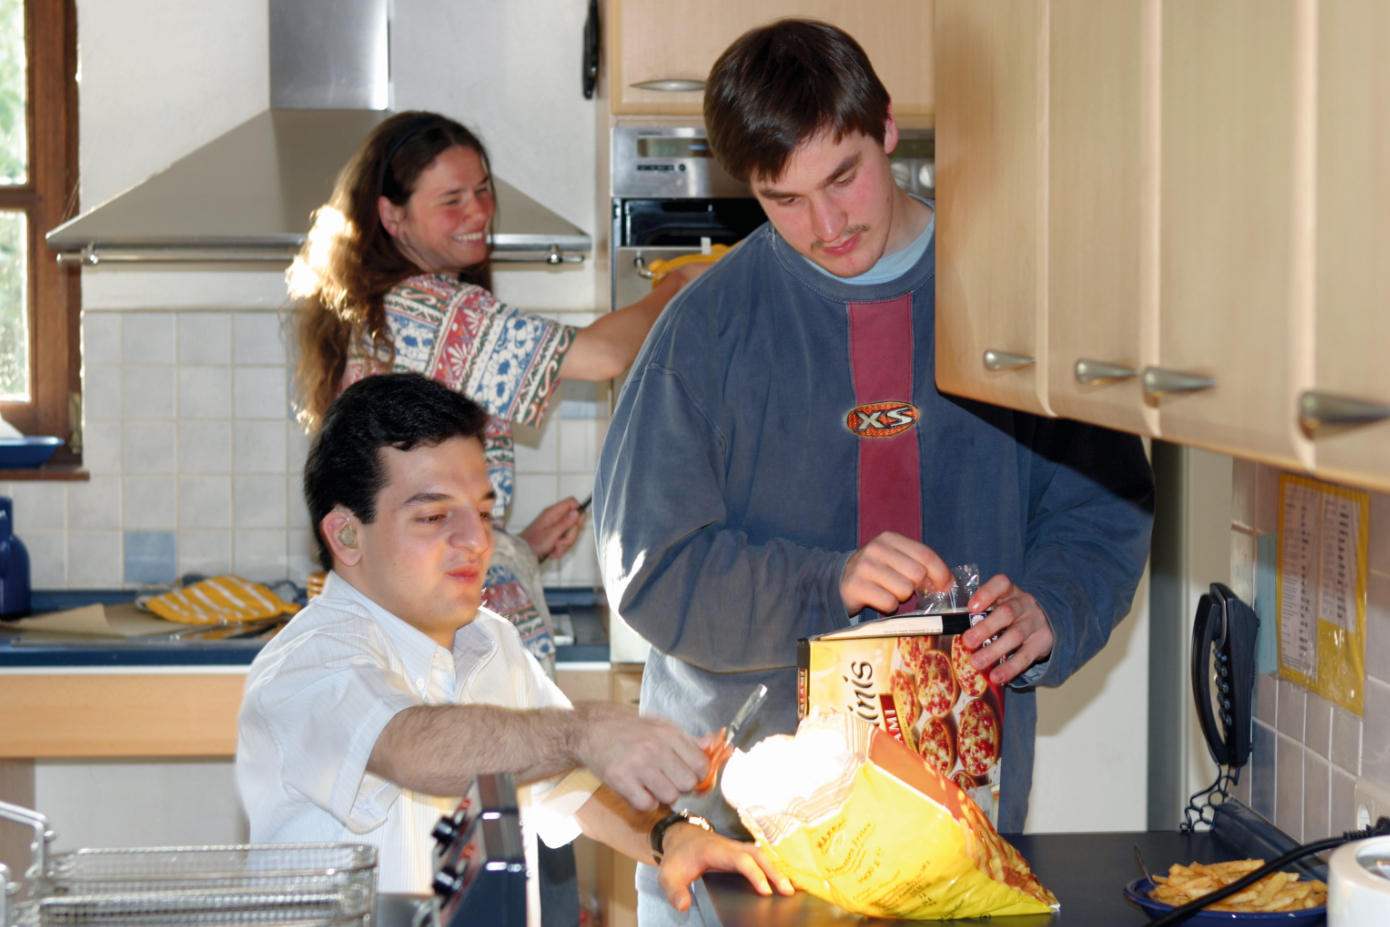 Inklusion in einer Wohngemeinschaft mit behinderten und nichtbehinderten Menschen